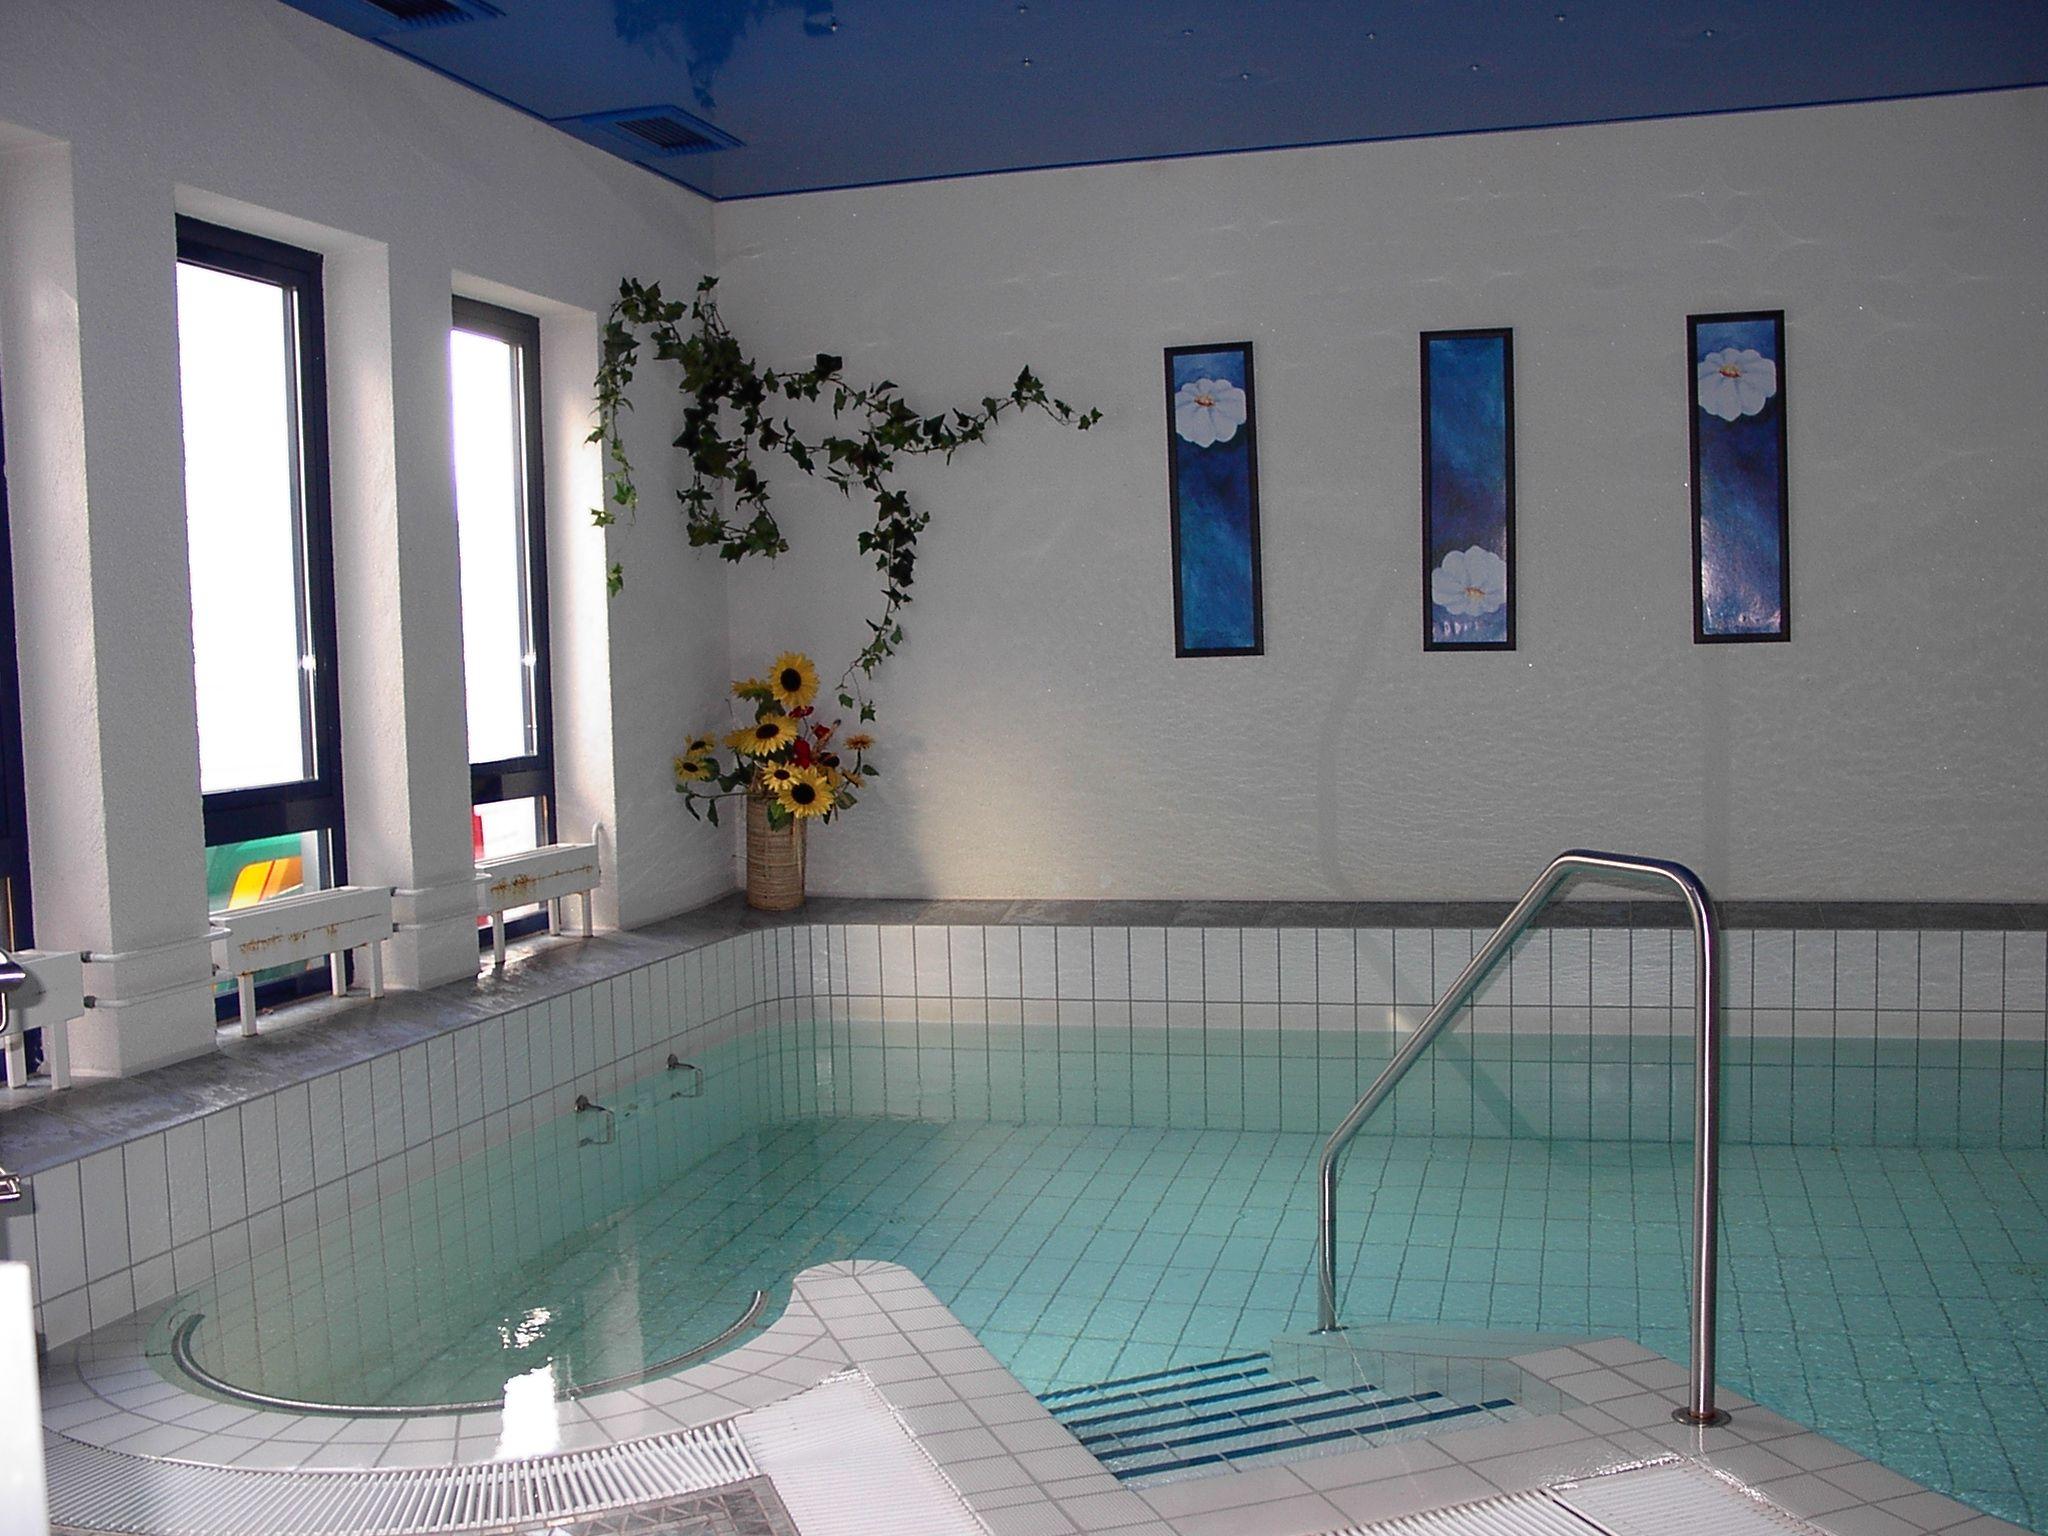 In Unserem Grosszugig Ausgestatteten Wellnessbereich Finden Sie Ihre Wohl Verdiente Entspannung Ein Schwimmbad Mit Gegenstromanlage Solarium Hotel Schwimmbader